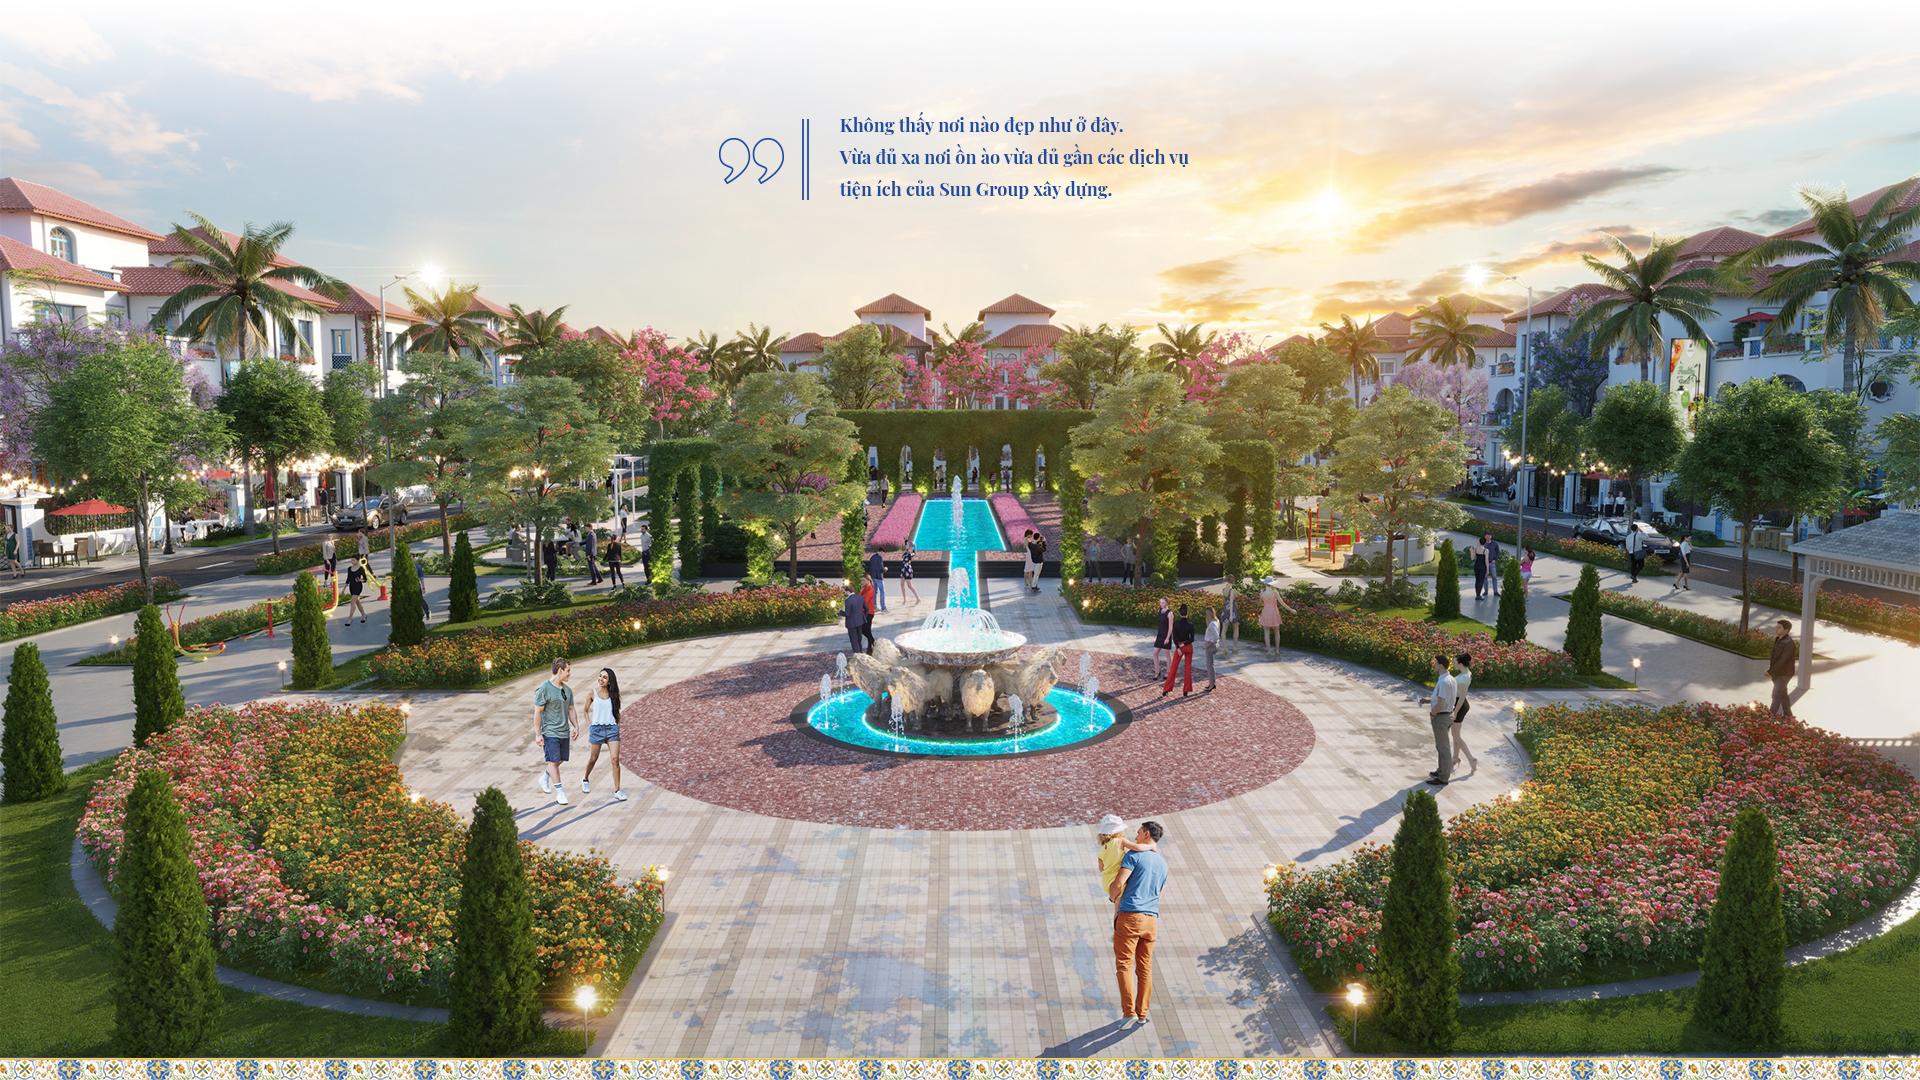 Tây Ban Nha thu nhỏ trong biệt thự đơn lập Sun Grand City Feria 2020 15